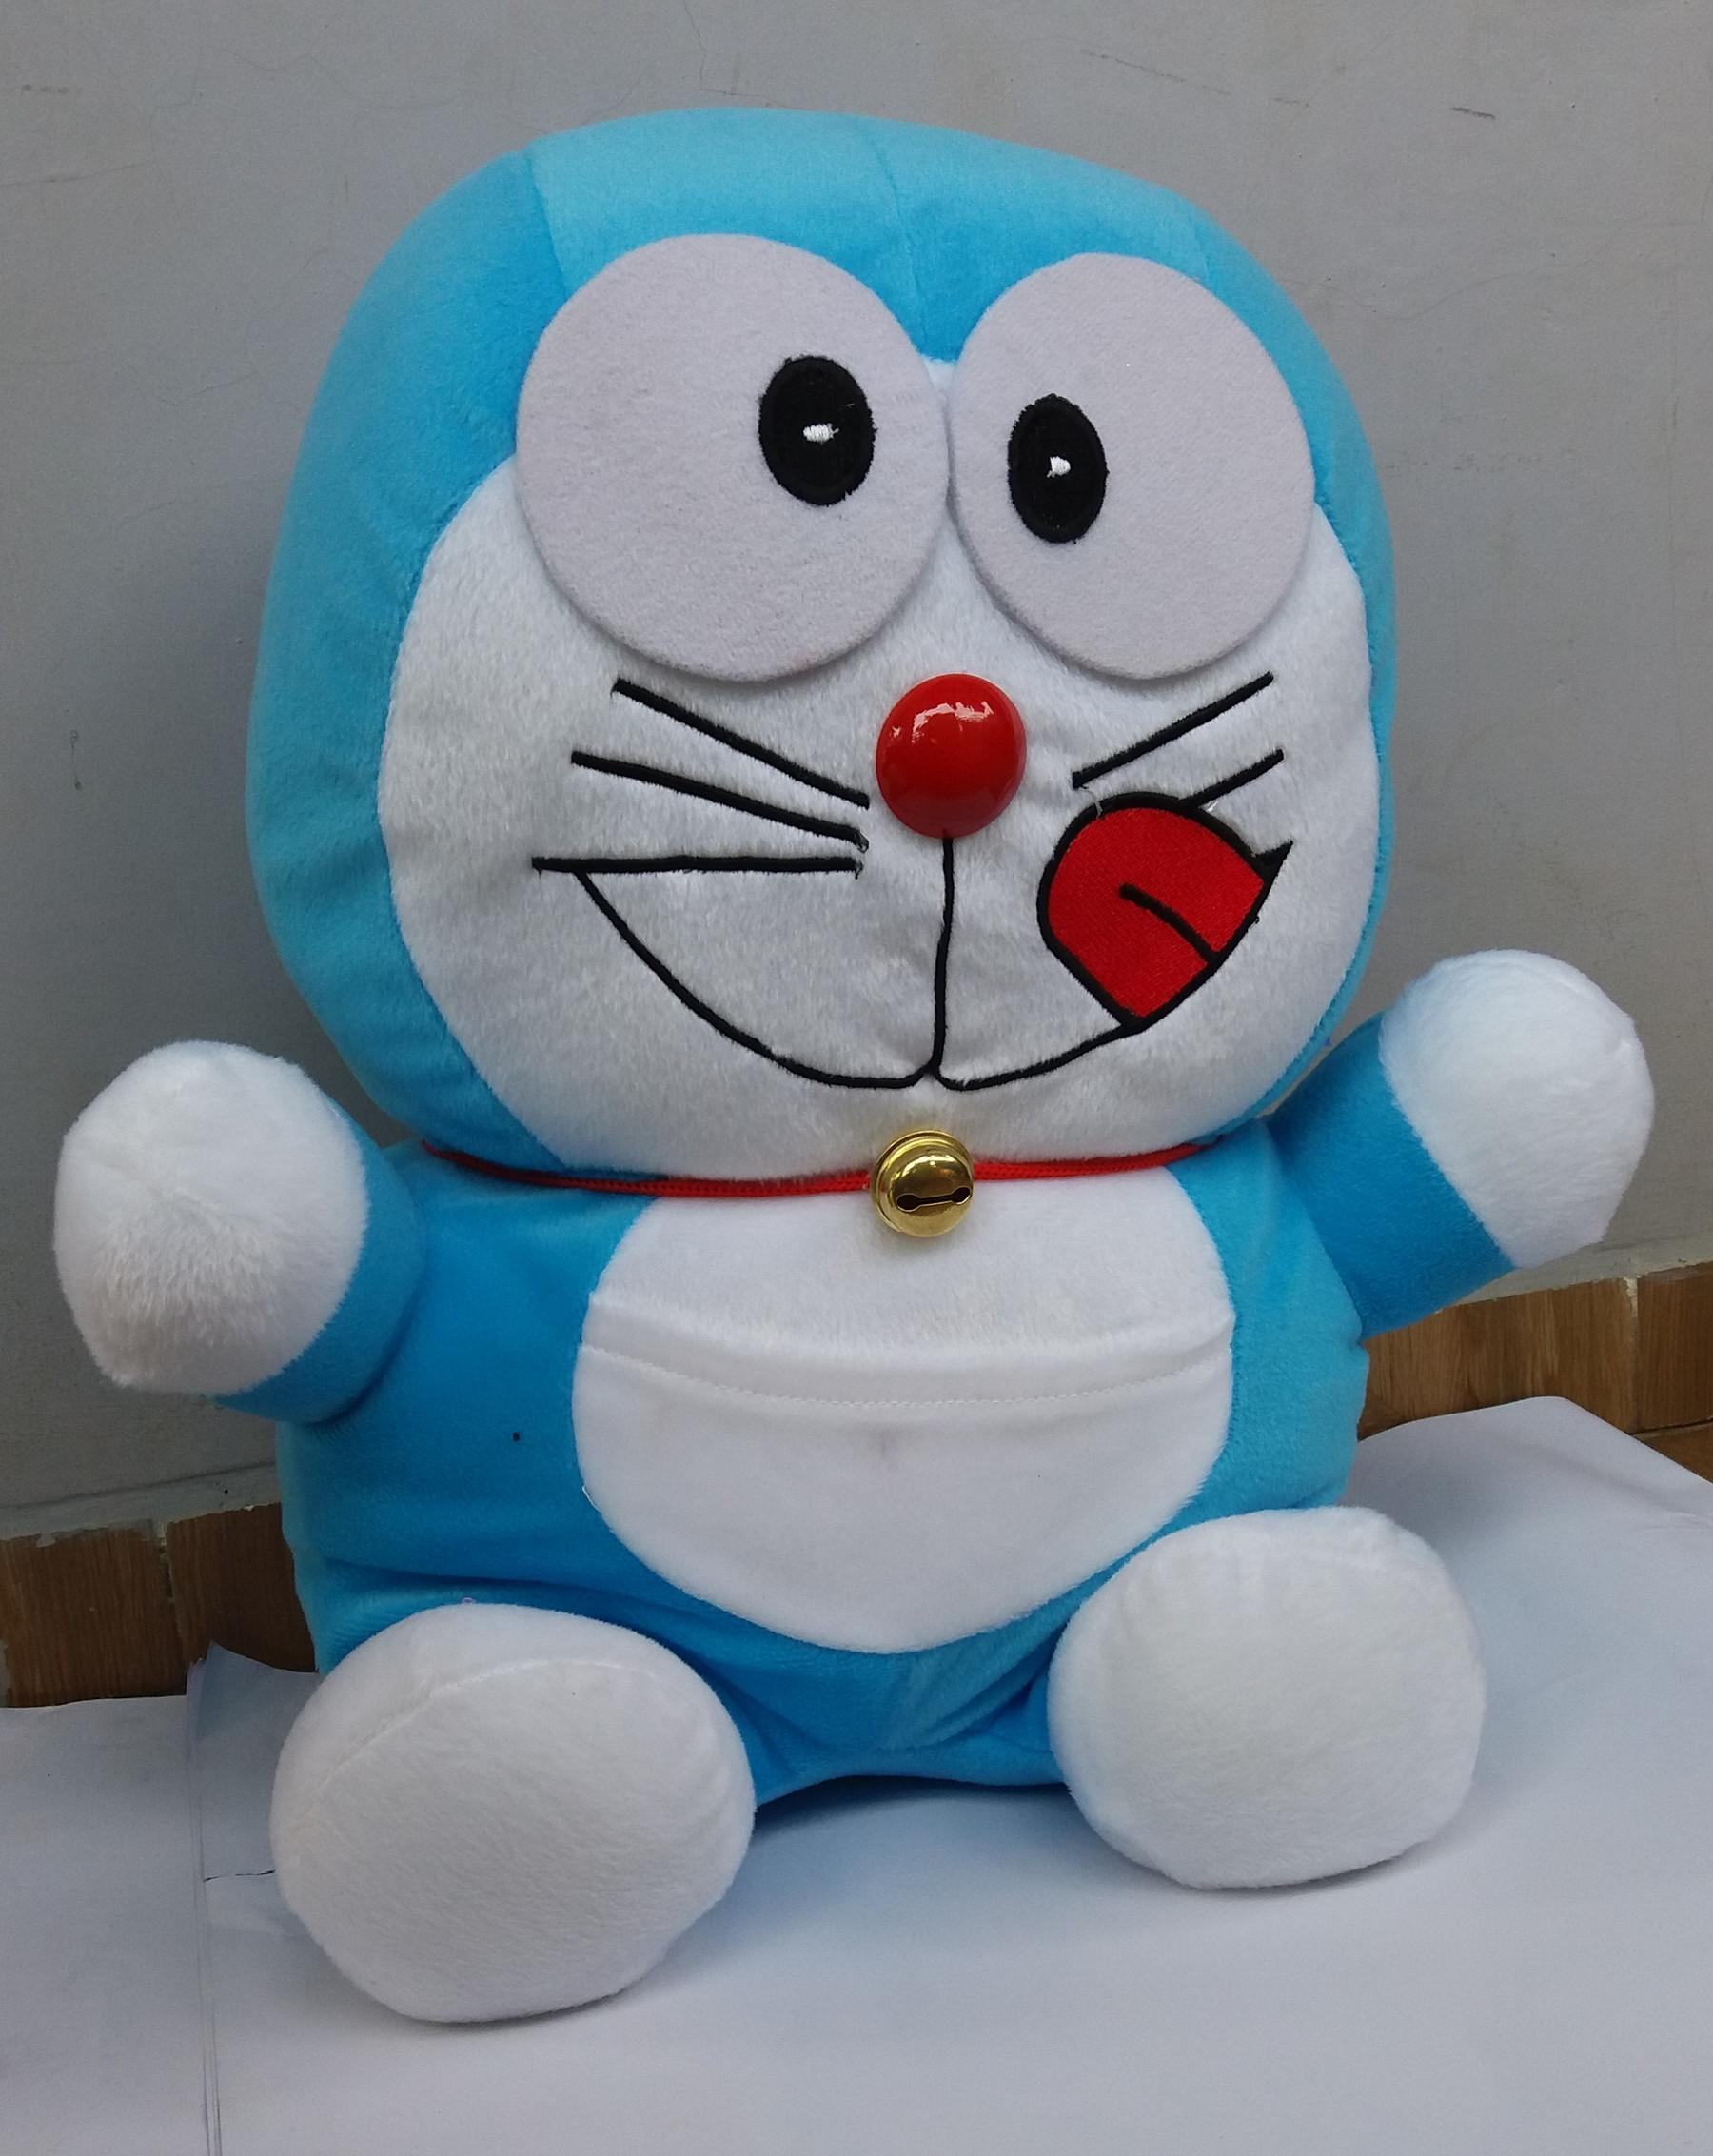 Jual Boneka Doraemon Ukuran Sedang Toko Aisyah Nurul Tokopedia Maainan Doraemoon Kyutt